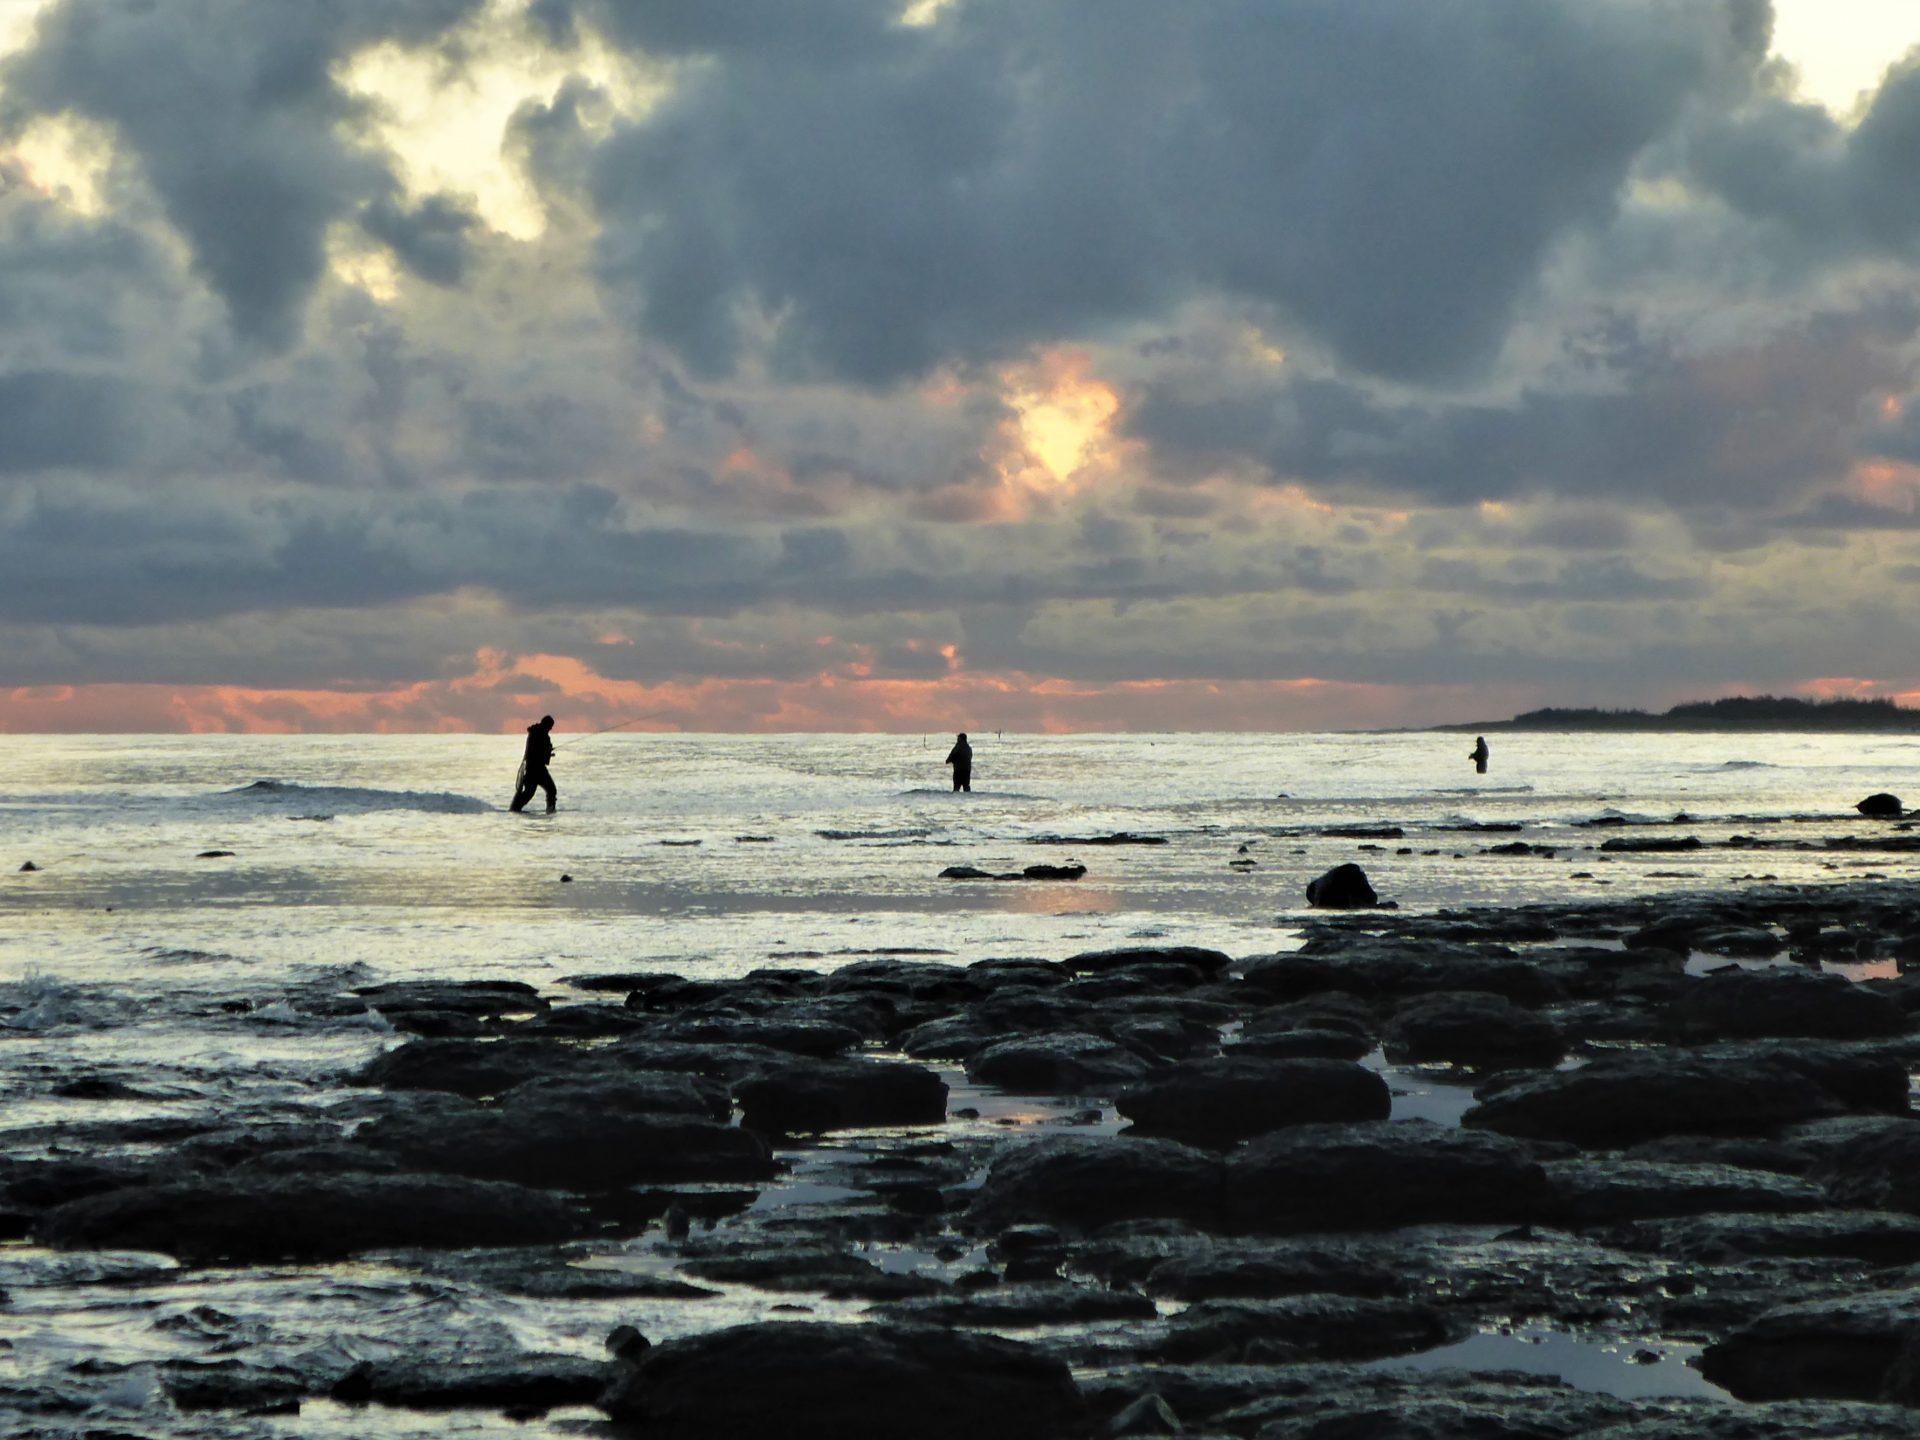 Kystfiskeri efter havørred.